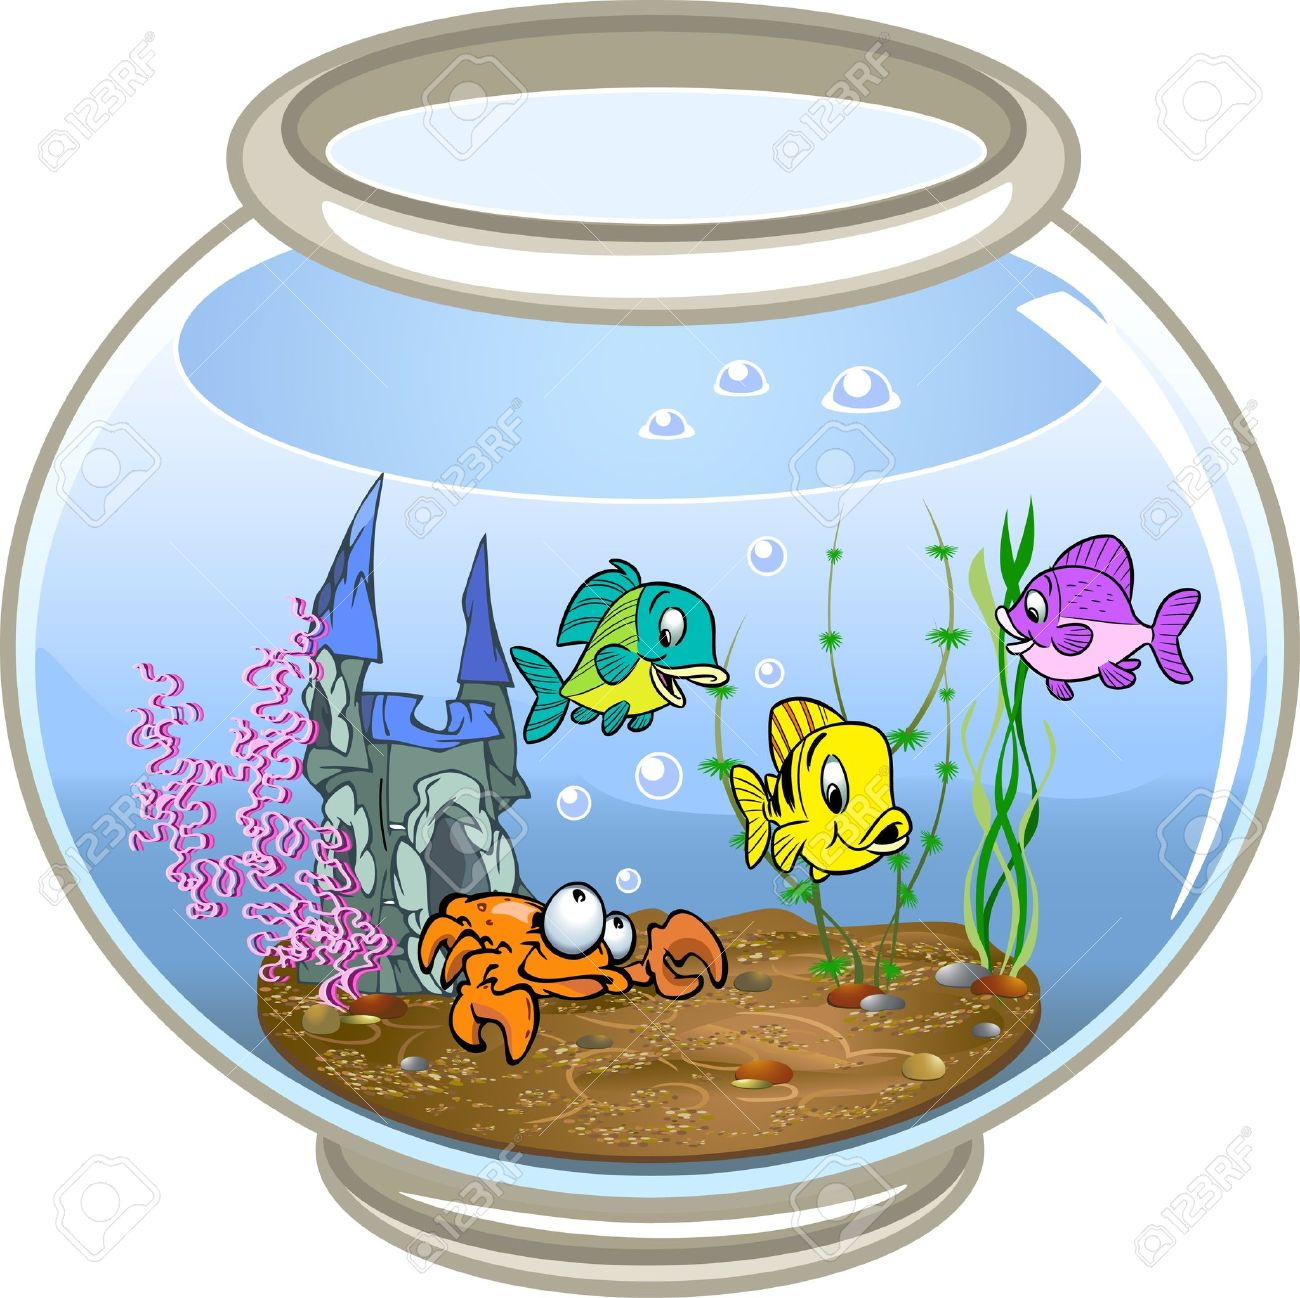 Hermosos Peces Nadan En Una Pecera Con Aguaen La Parte Inferior Del